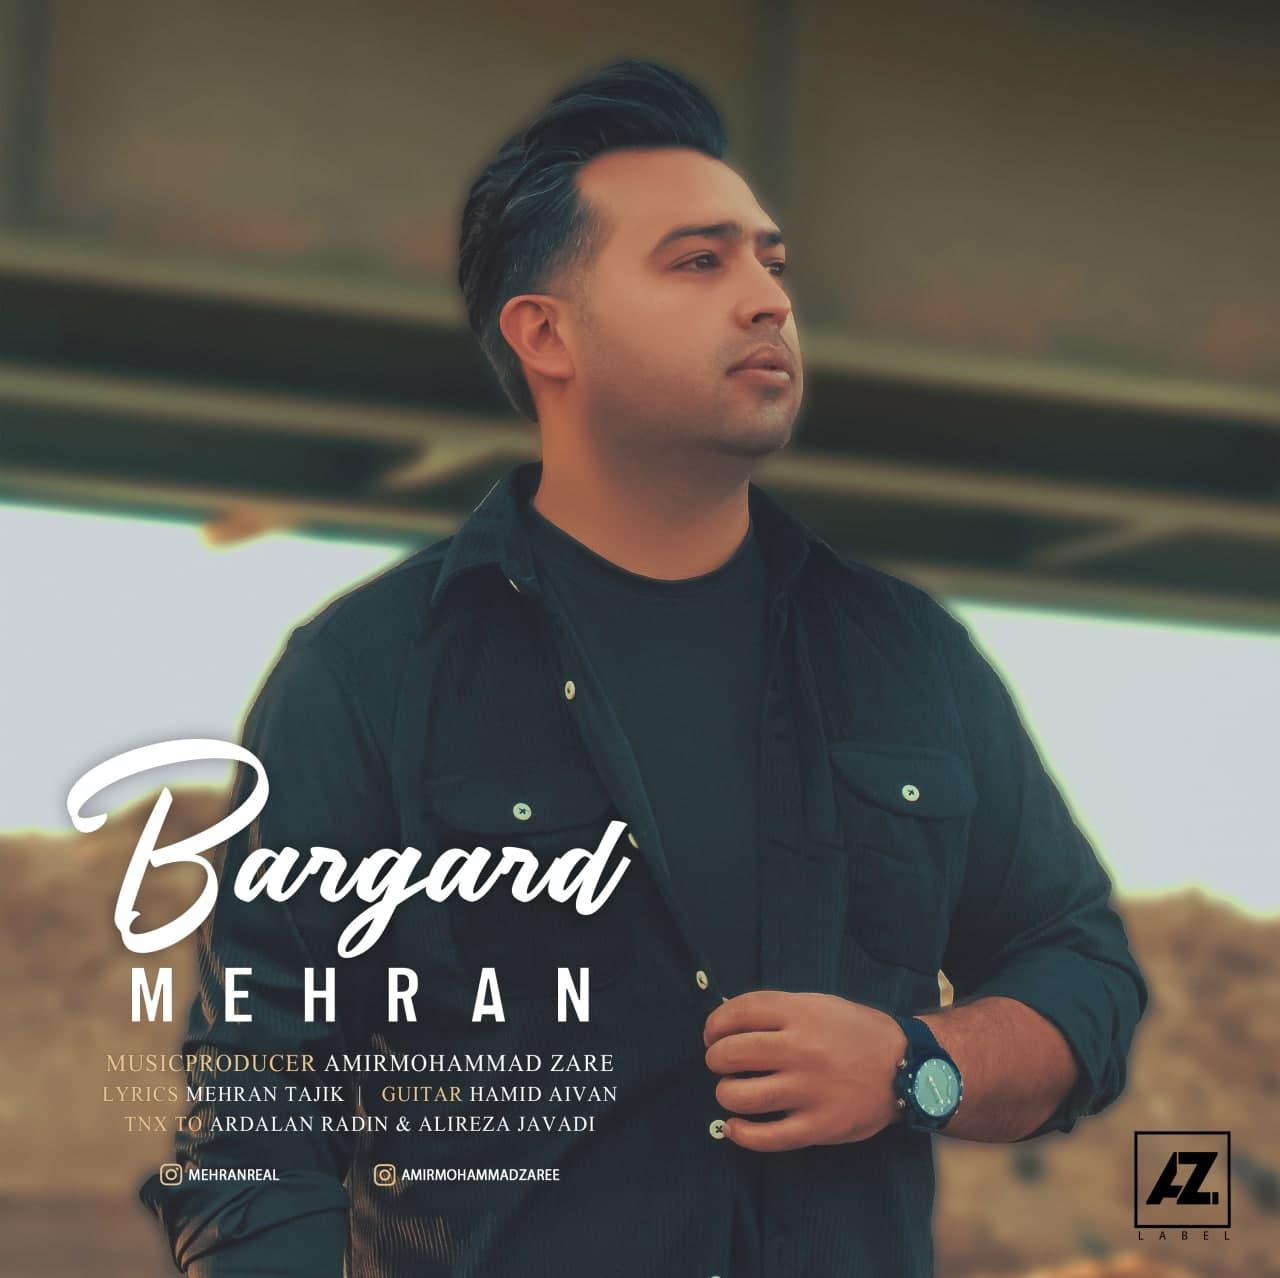 دانلود موزیک جدید برگرد از مهران